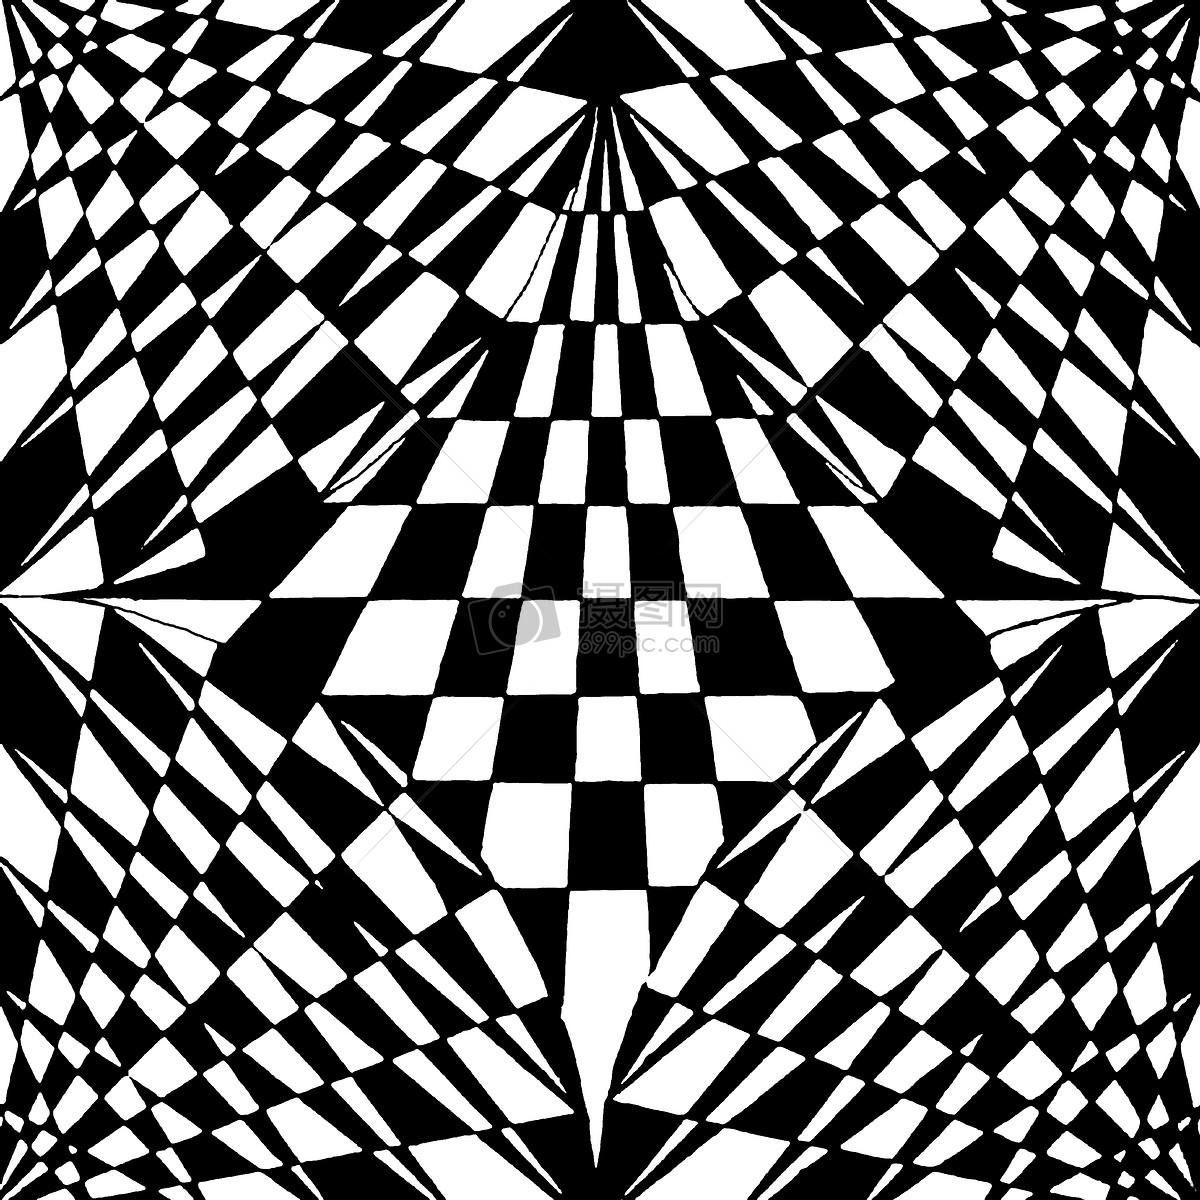 黑白的渐变构成作品